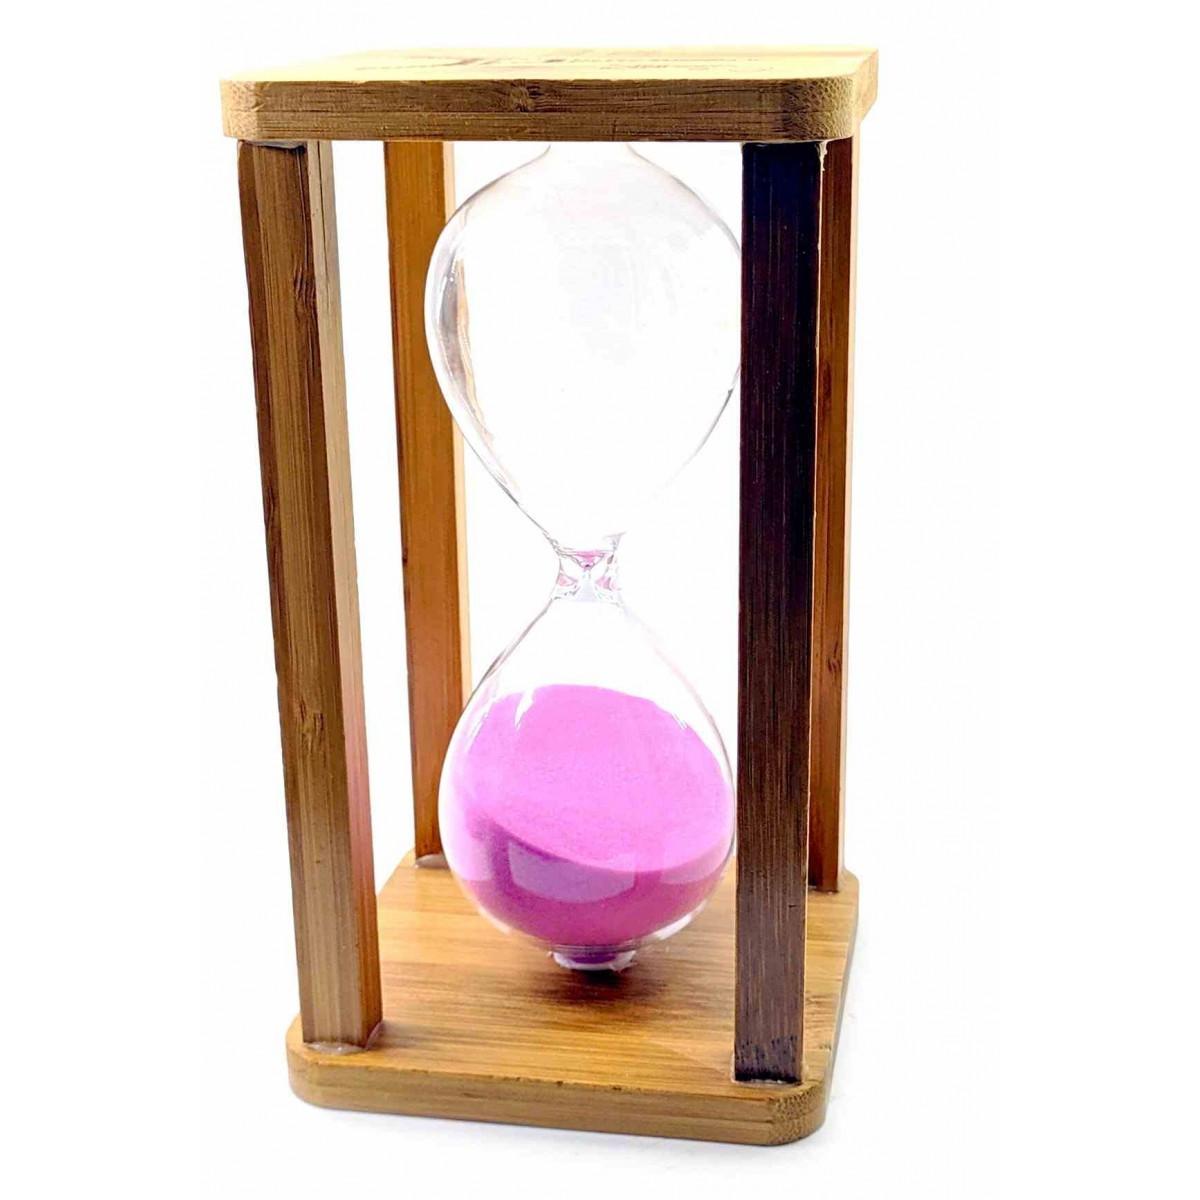 Часы песочные бамбуковые 60 мин розовый песок 19х10х10 см